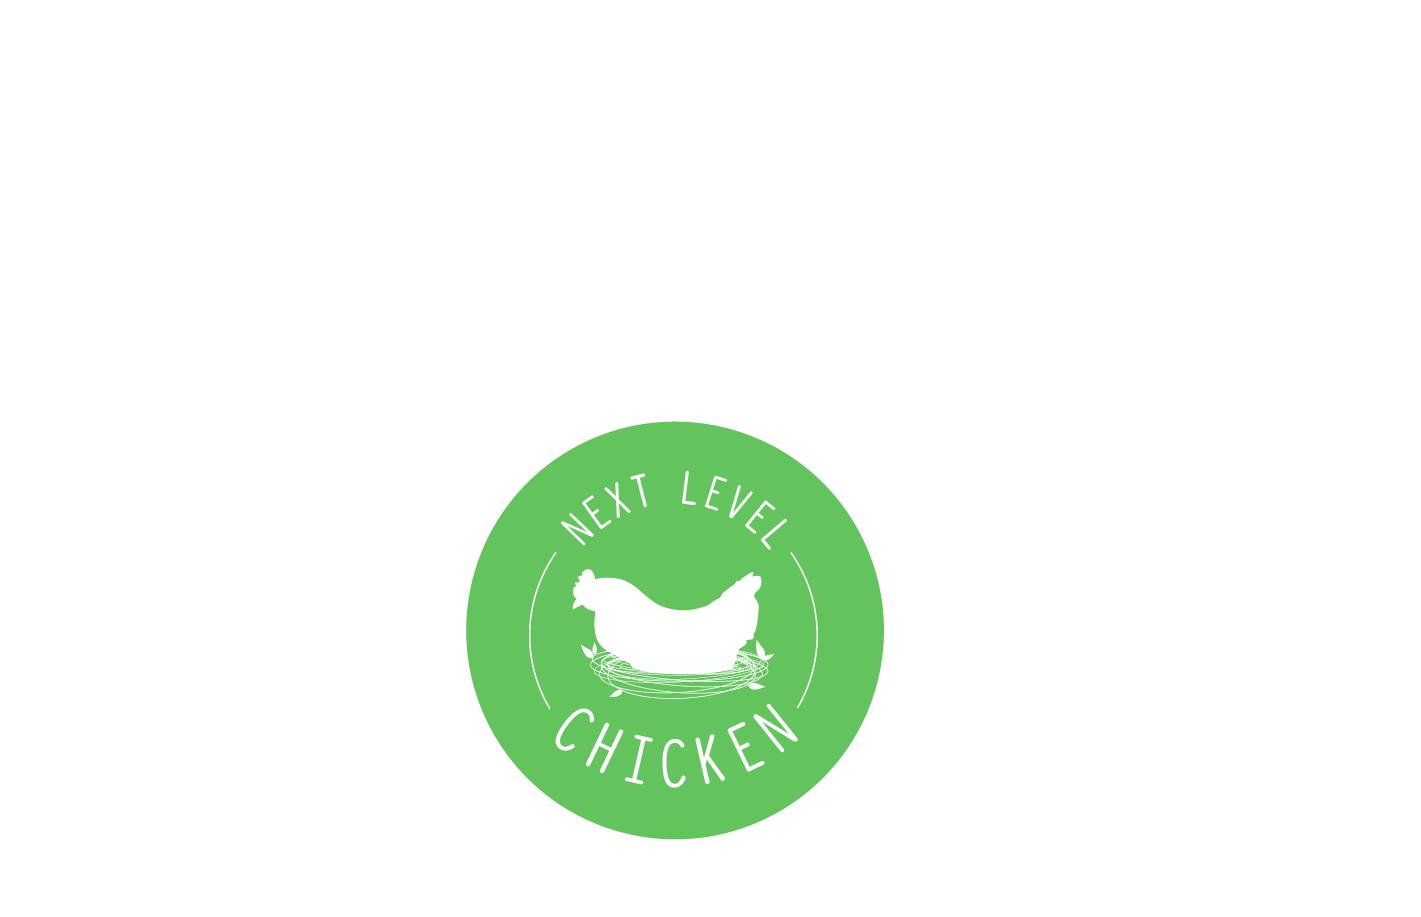 Next_Level_Chicken_LOGO